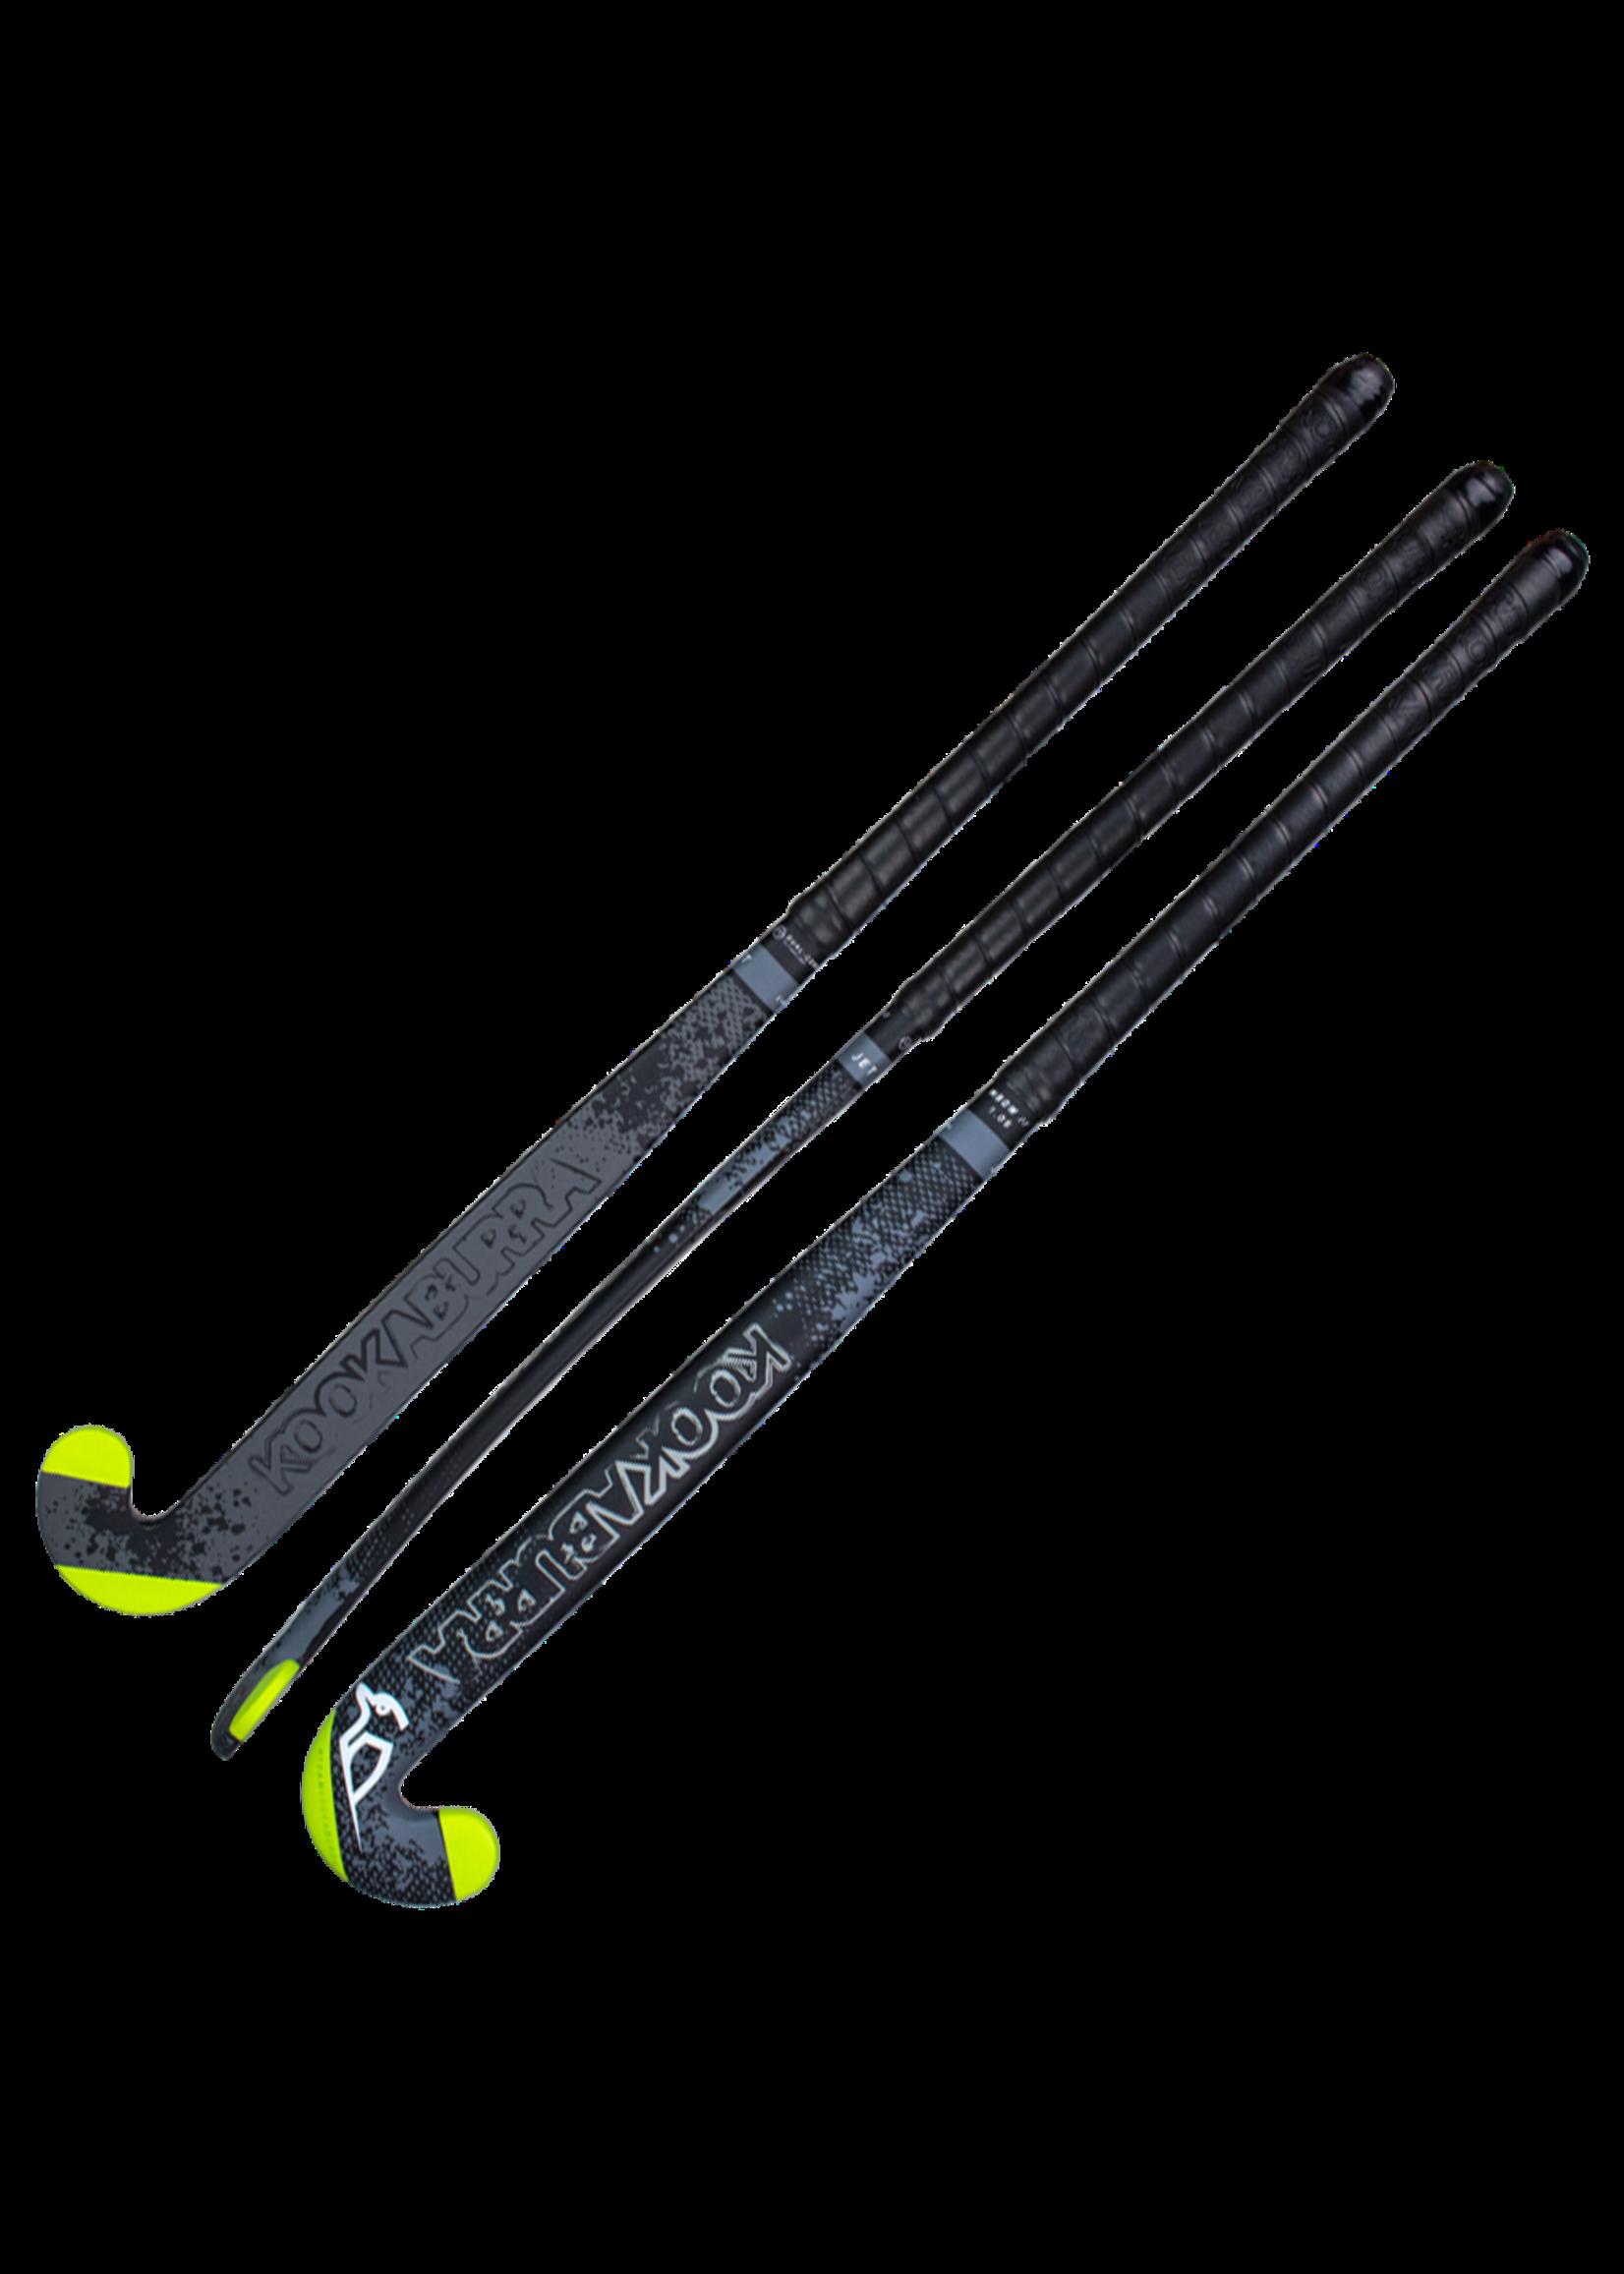 """Kookaburra Kookaburra Jet Hockey Stick 36.5L"""", Black/Grey (2020)"""